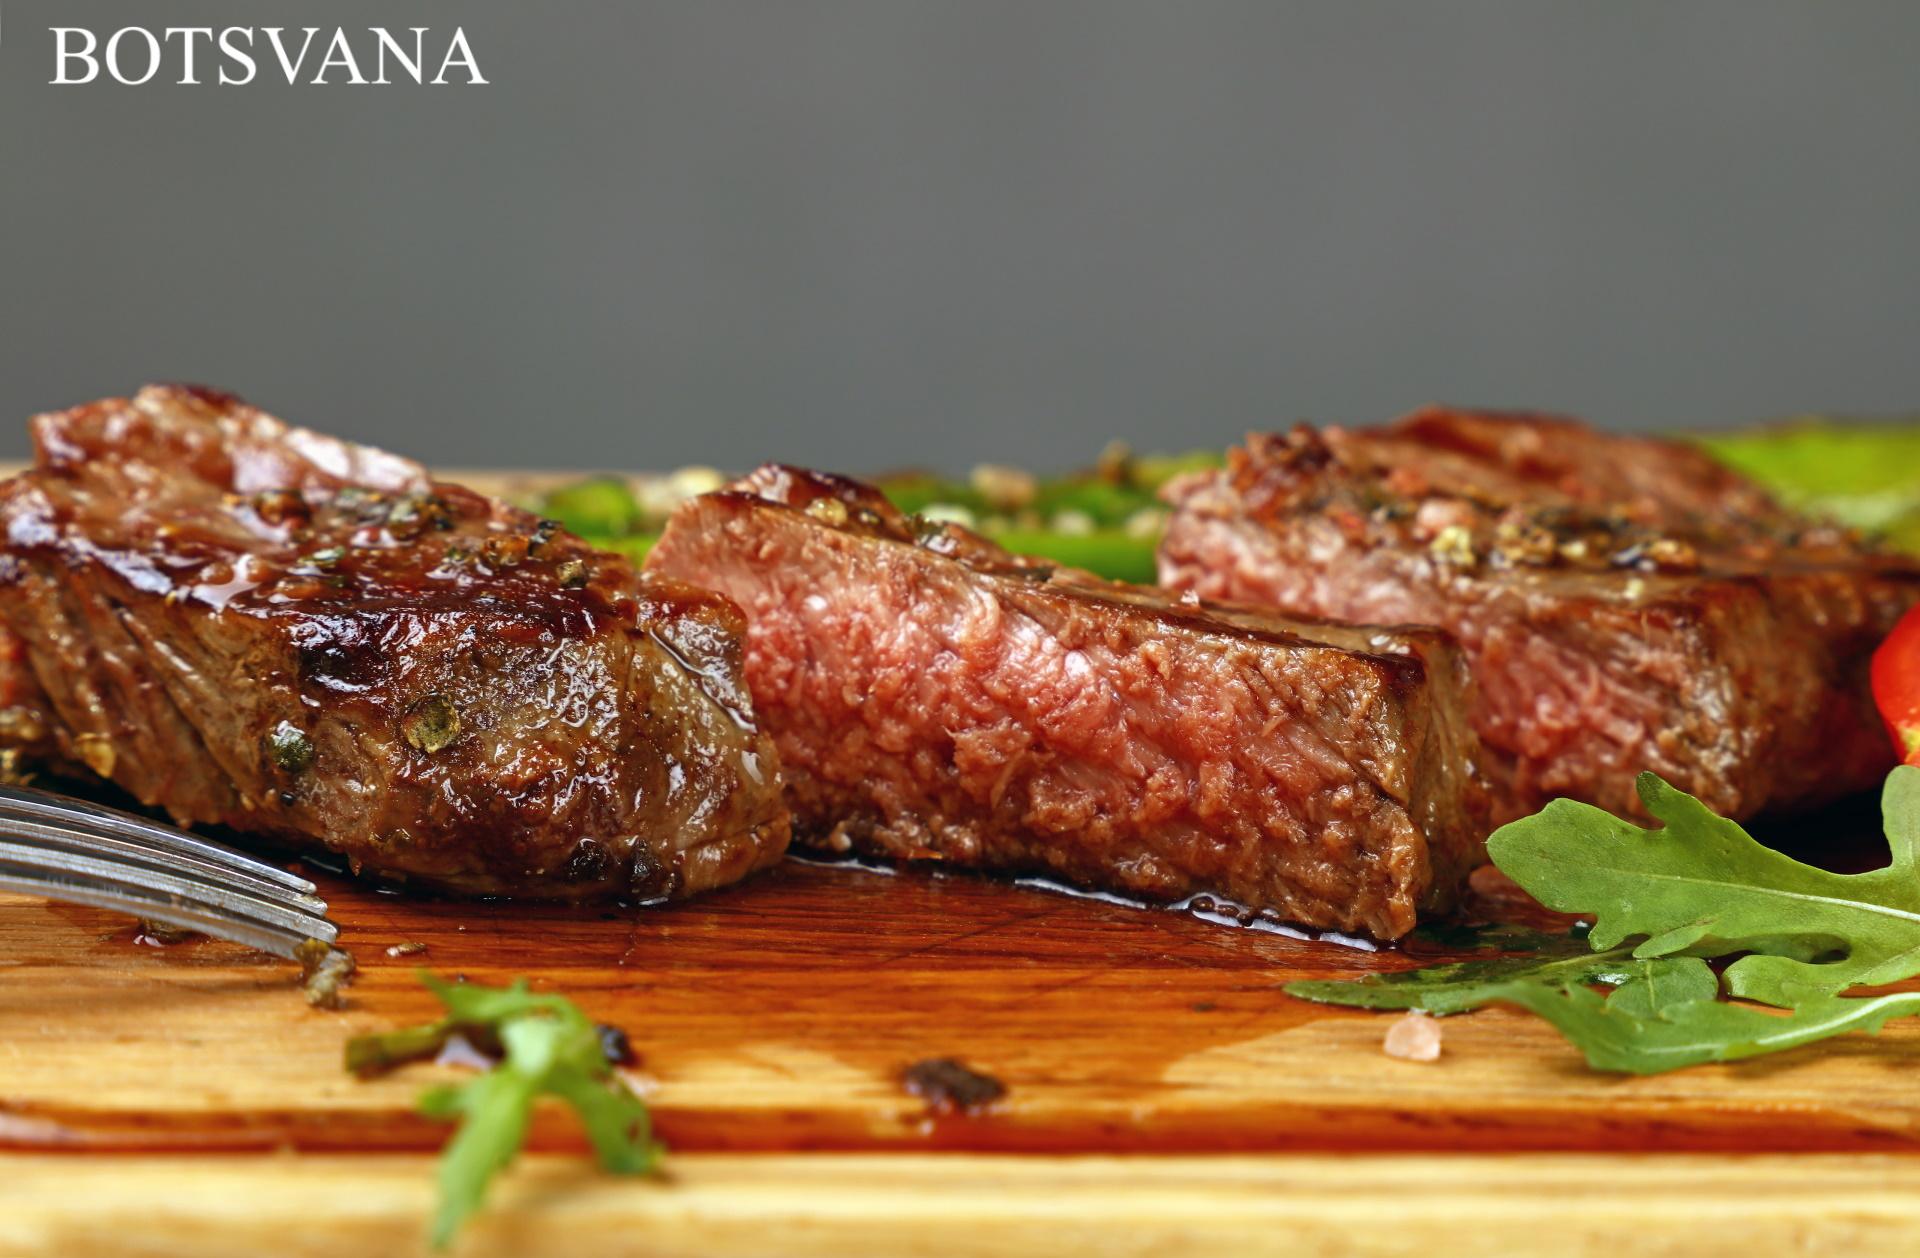 fajita nasıl yapılır - Fajita Yemeği Nasıl Yapılır?